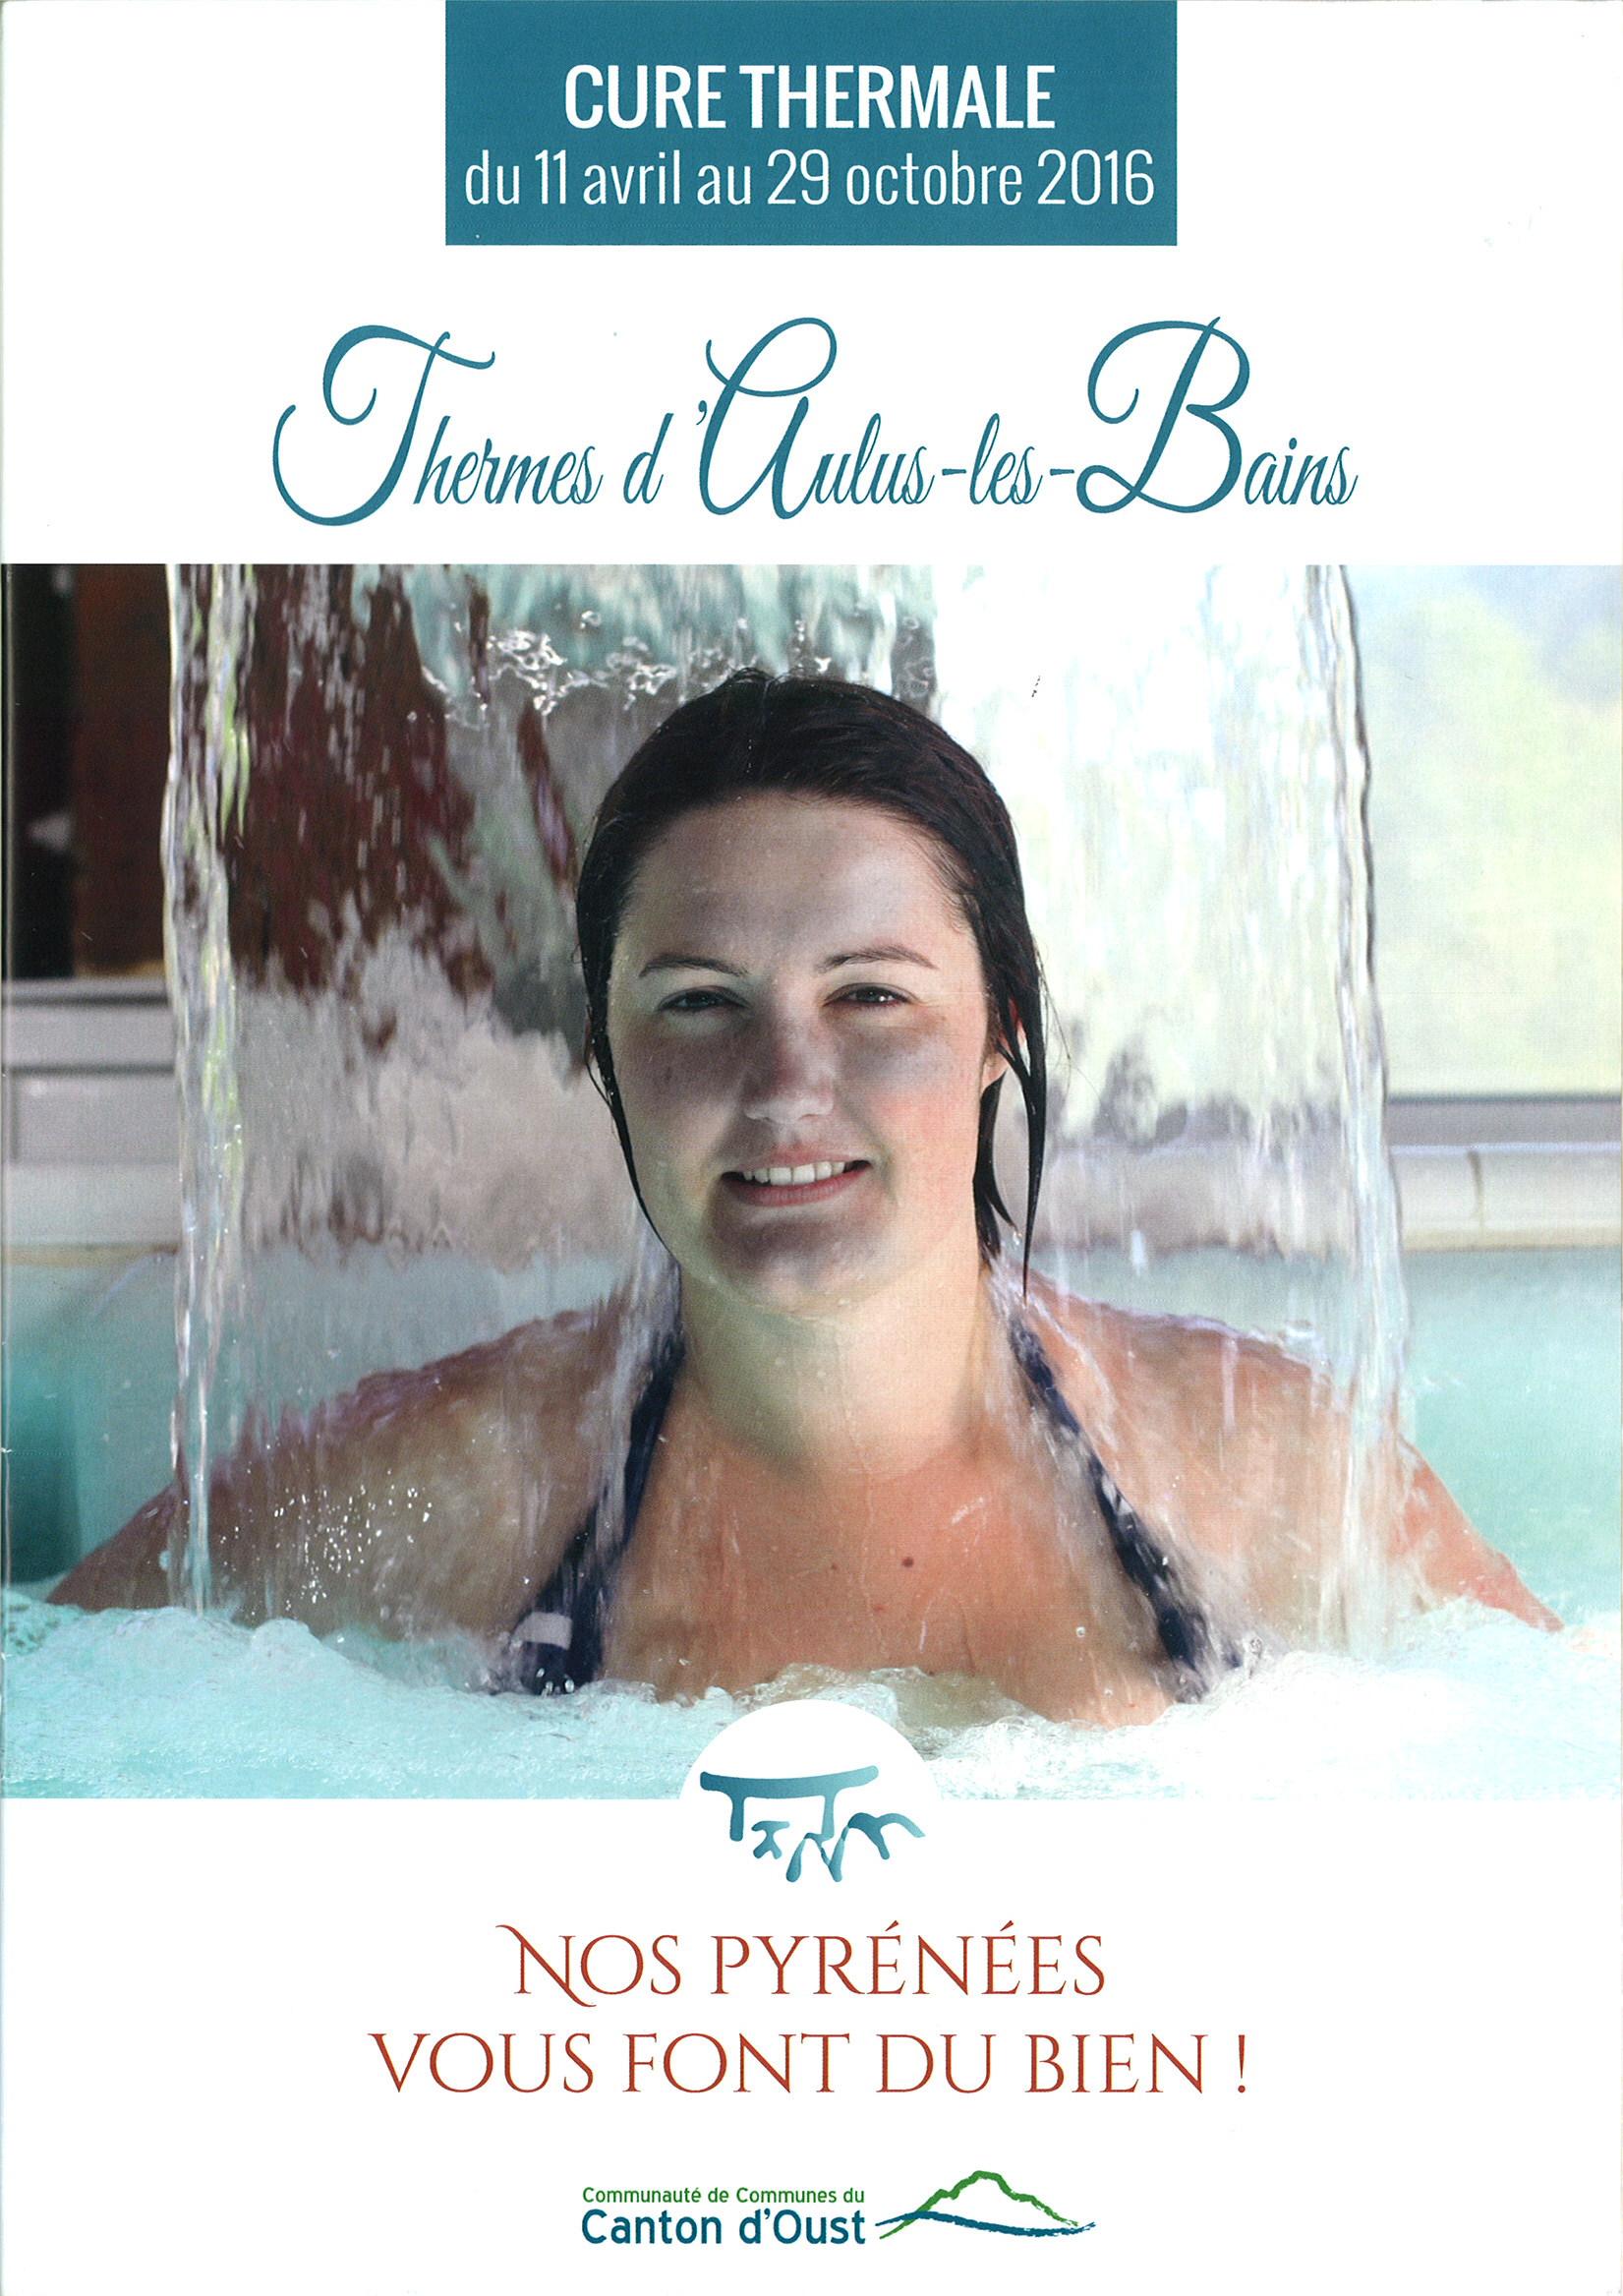 Brochure 2017 Cure Thermale aux Thermes d Aulus les Bains